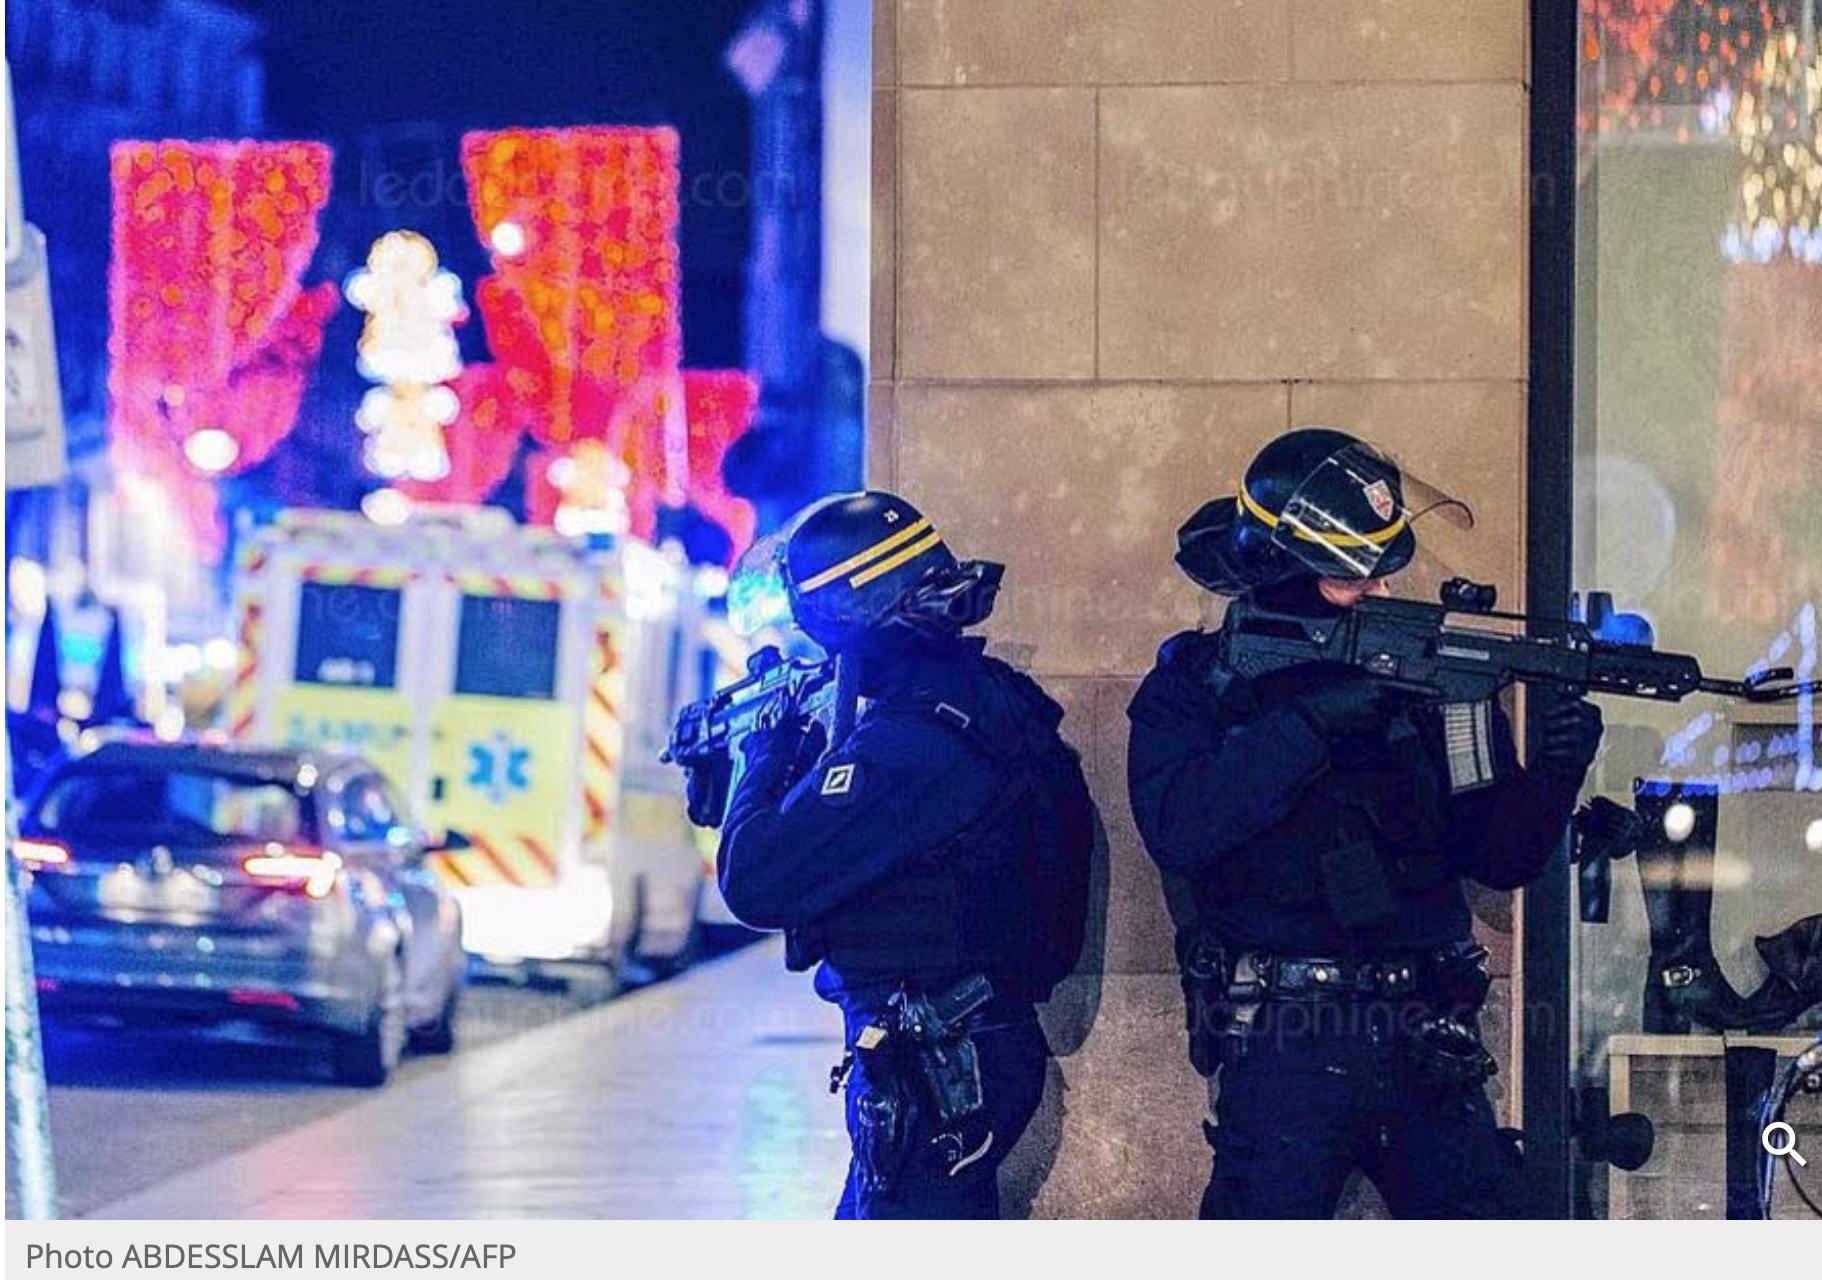 Cherif C en fuite permet à Castaner d'interdire toute manifestation à Strasbourg, et demain partout ?